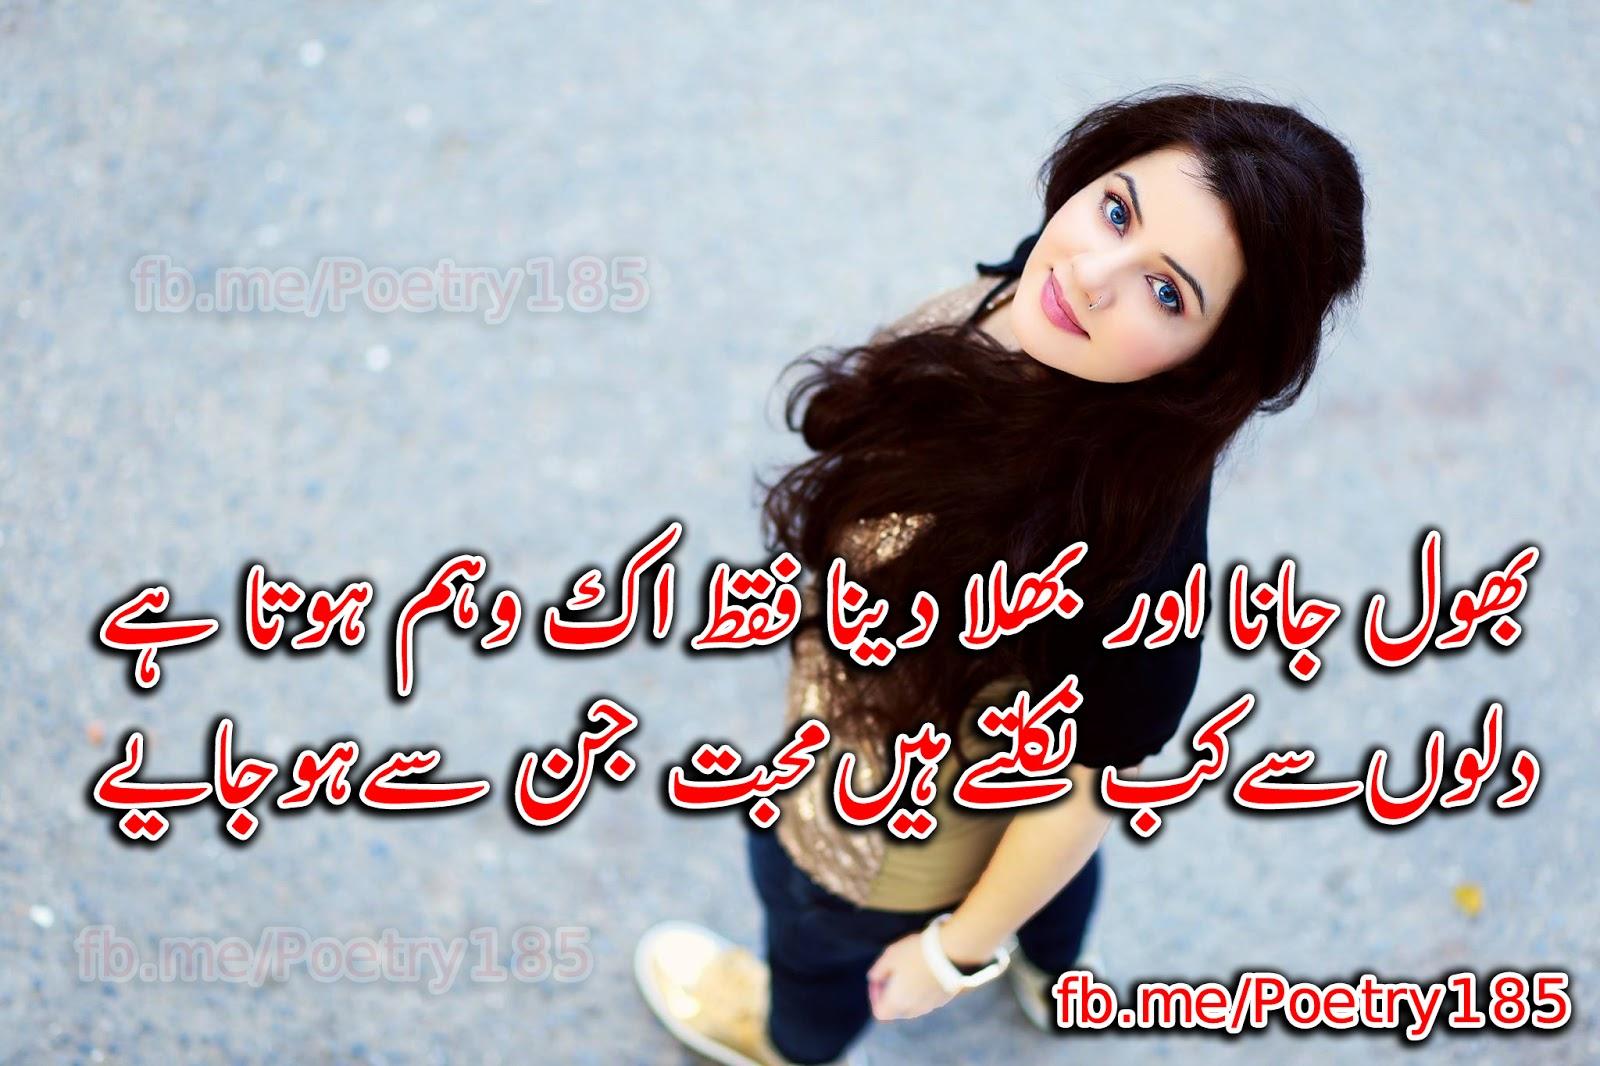 hindi-shayari-4u2: Urdu Shayari Love - Urdu Poetry Images